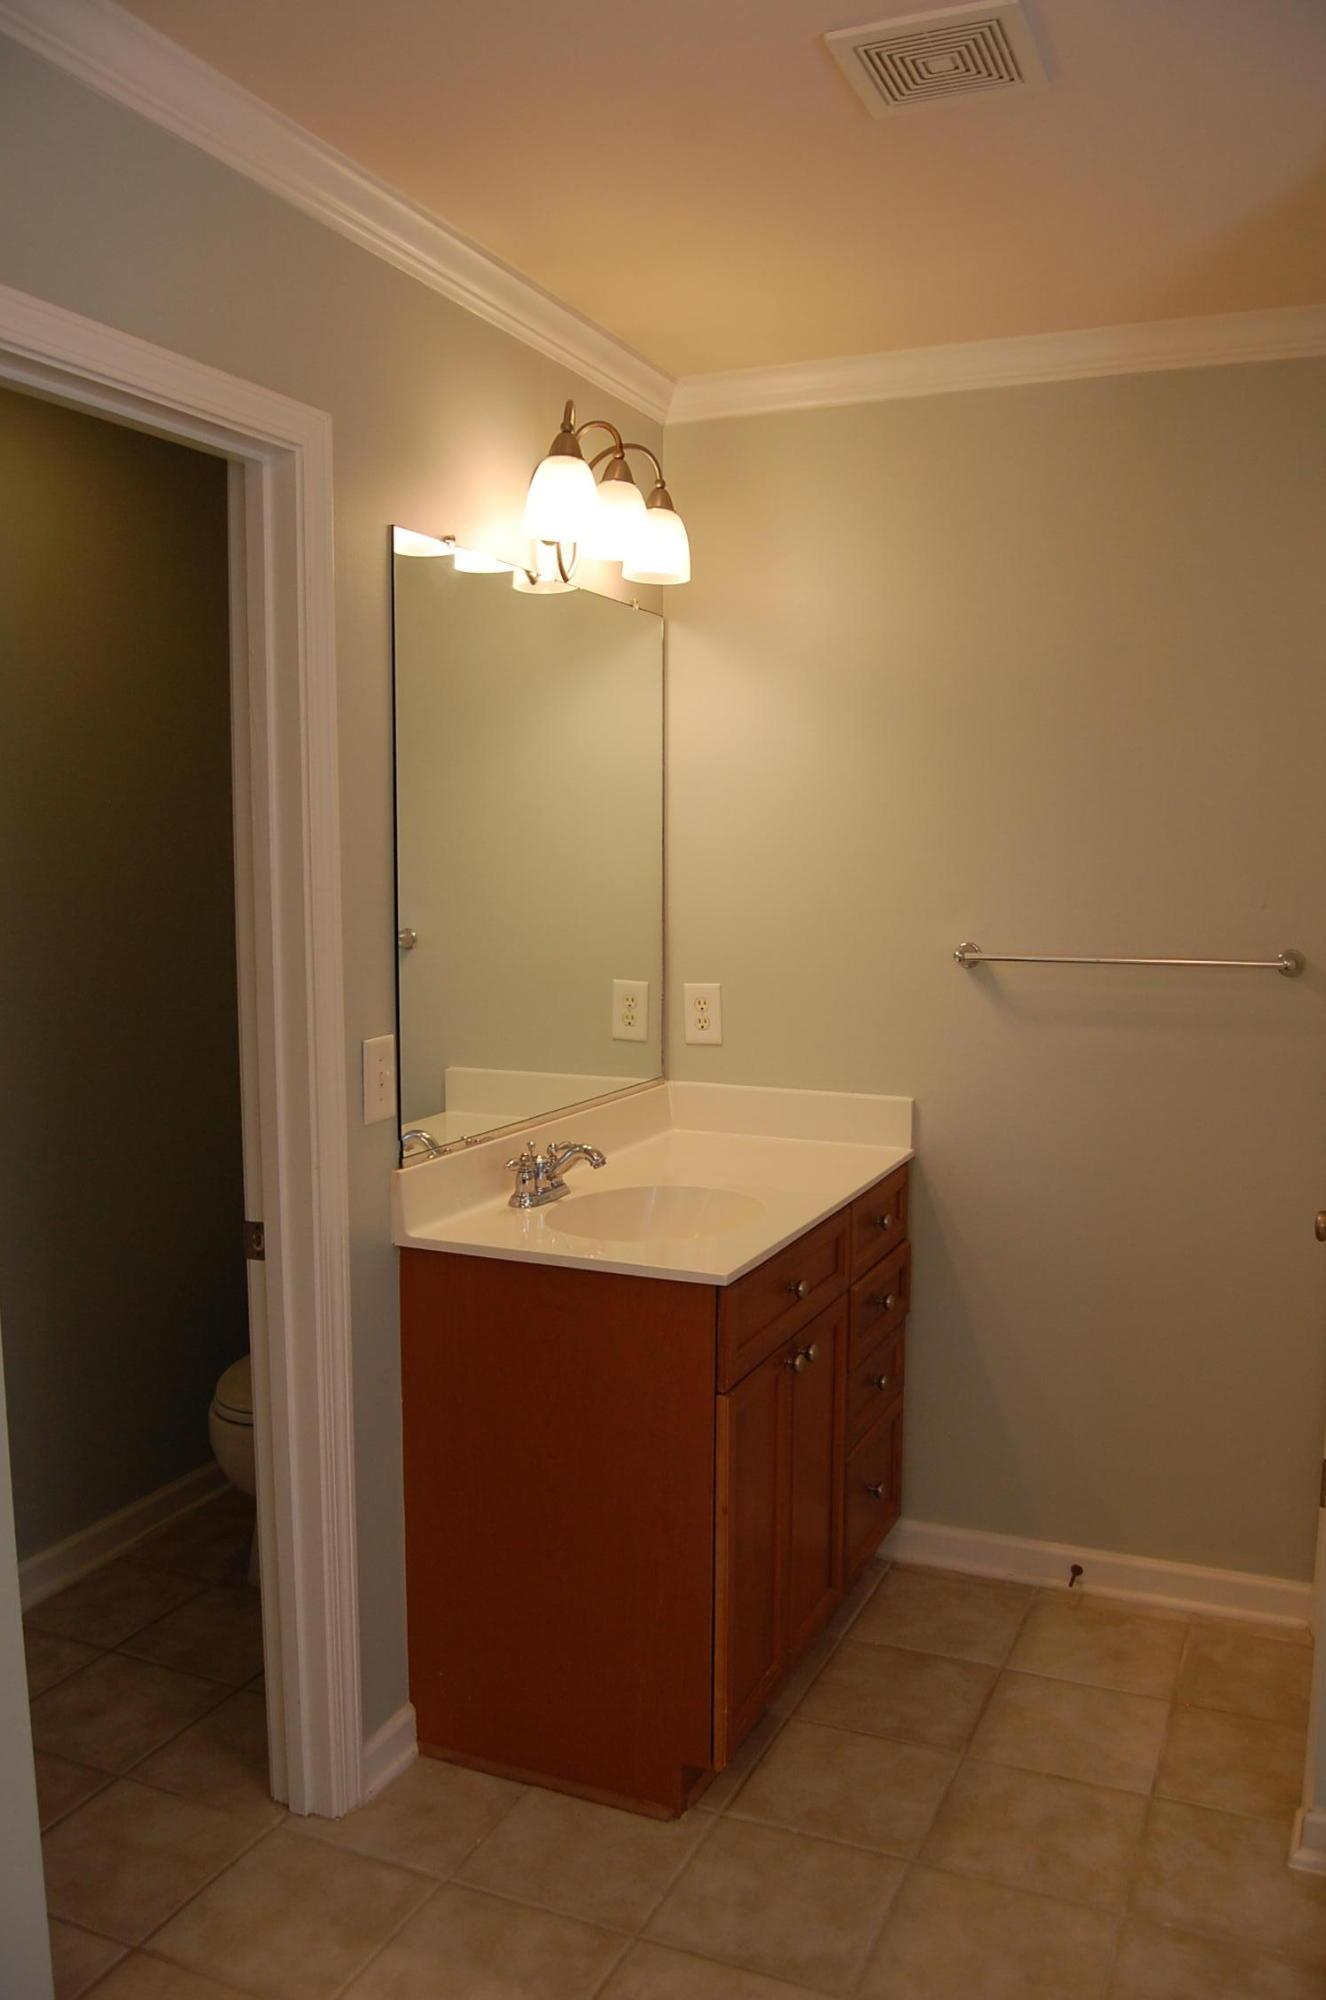 Park West Homes For Sale - 3529 Claremont, Mount Pleasant, SC - 12